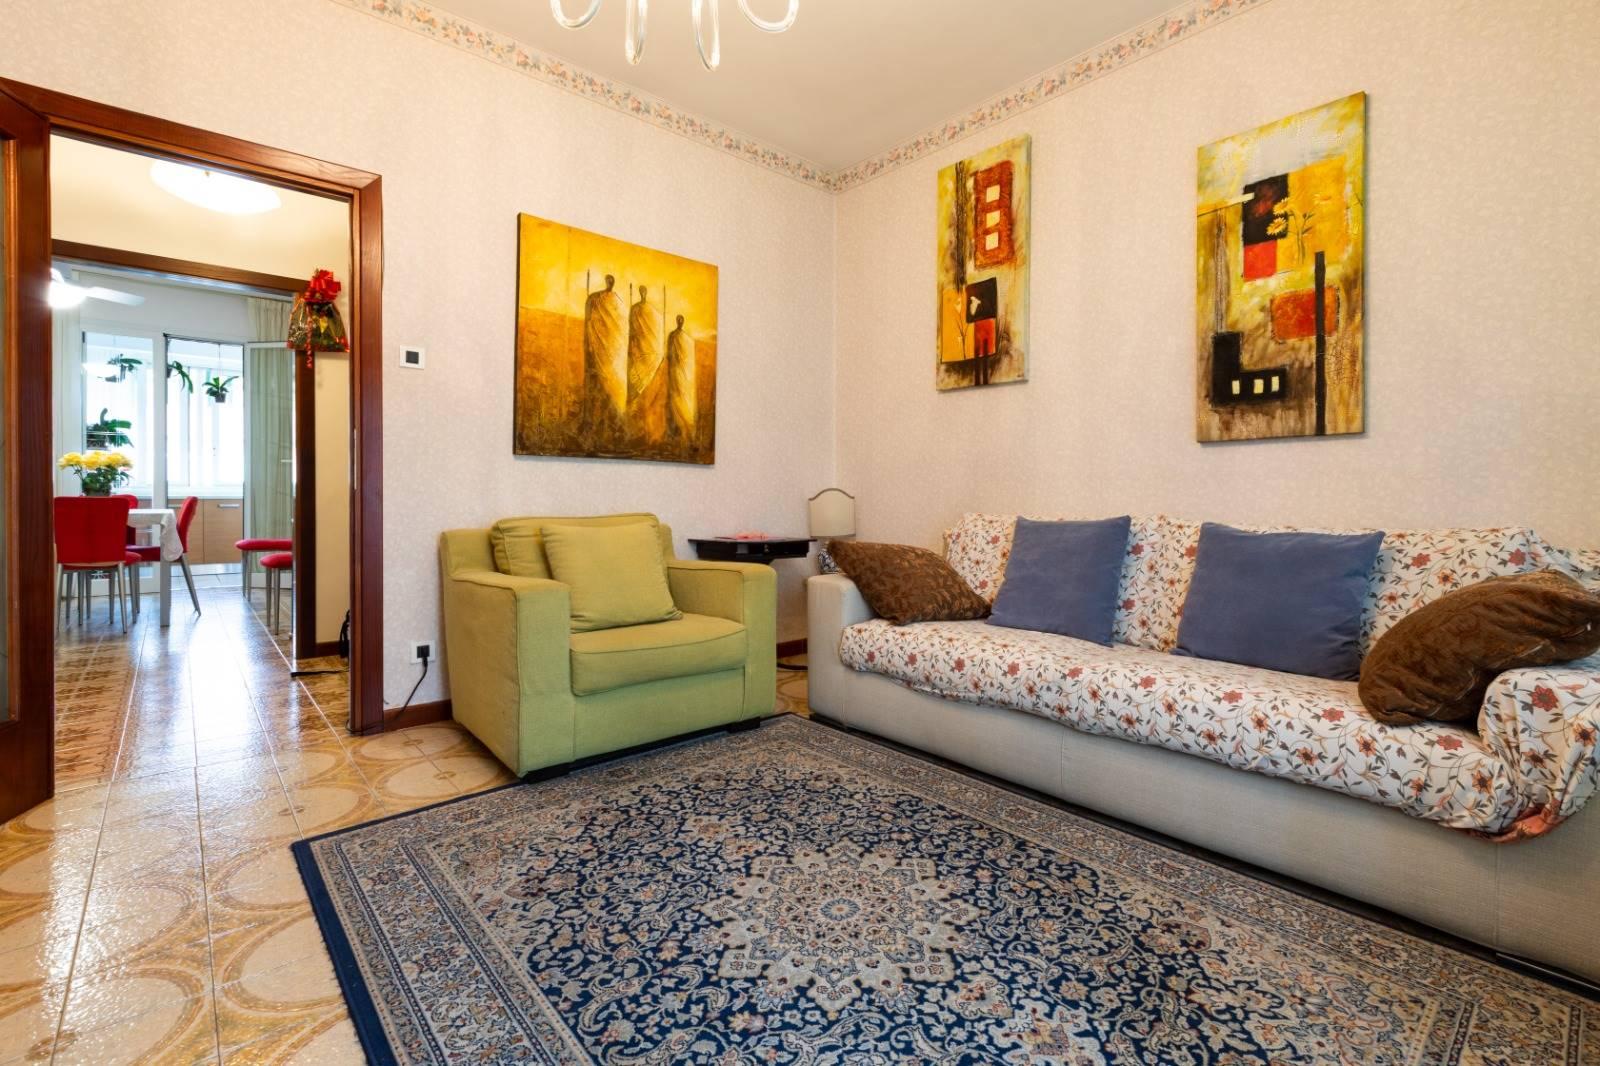 Appartamento in vendita a Livorno, 4 locali, zona Località: SORGENTI, prezzo € 130.000 | PortaleAgenzieImmobiliari.it